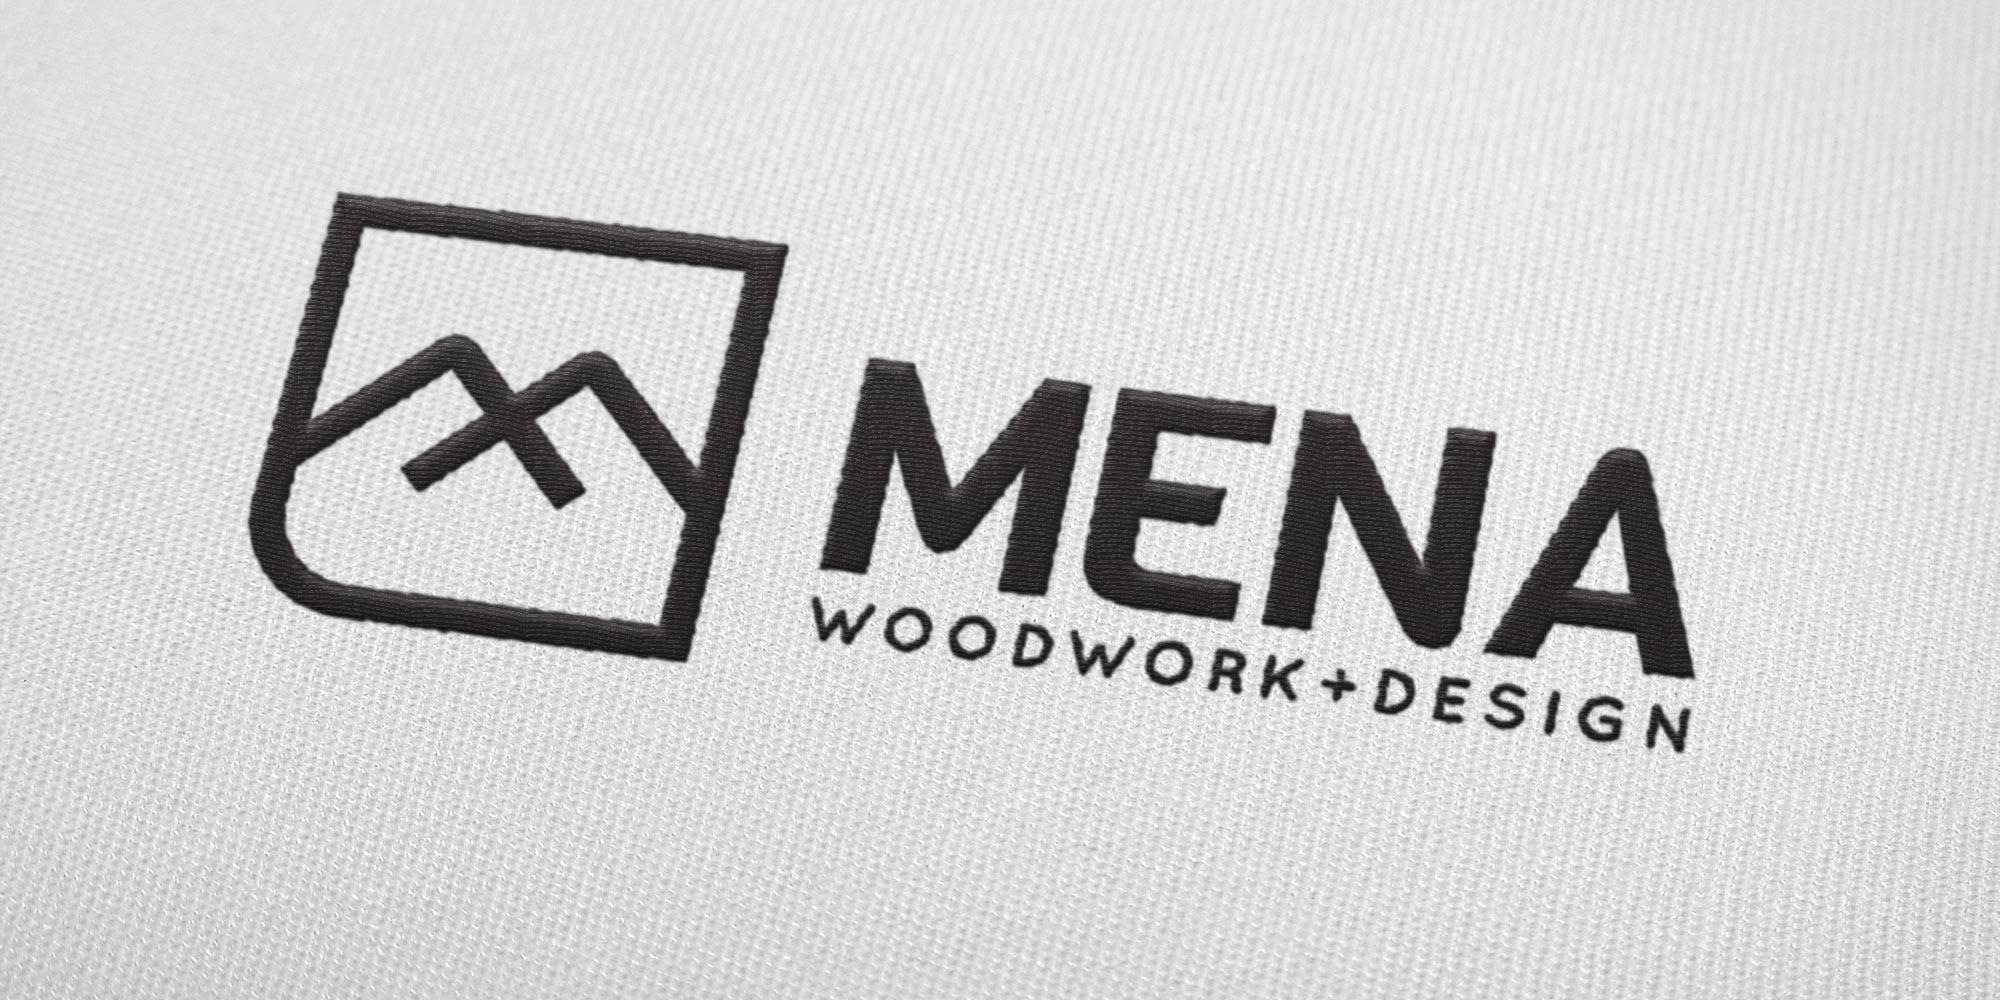 Mena Woodwork Logo Design on a Tshirt